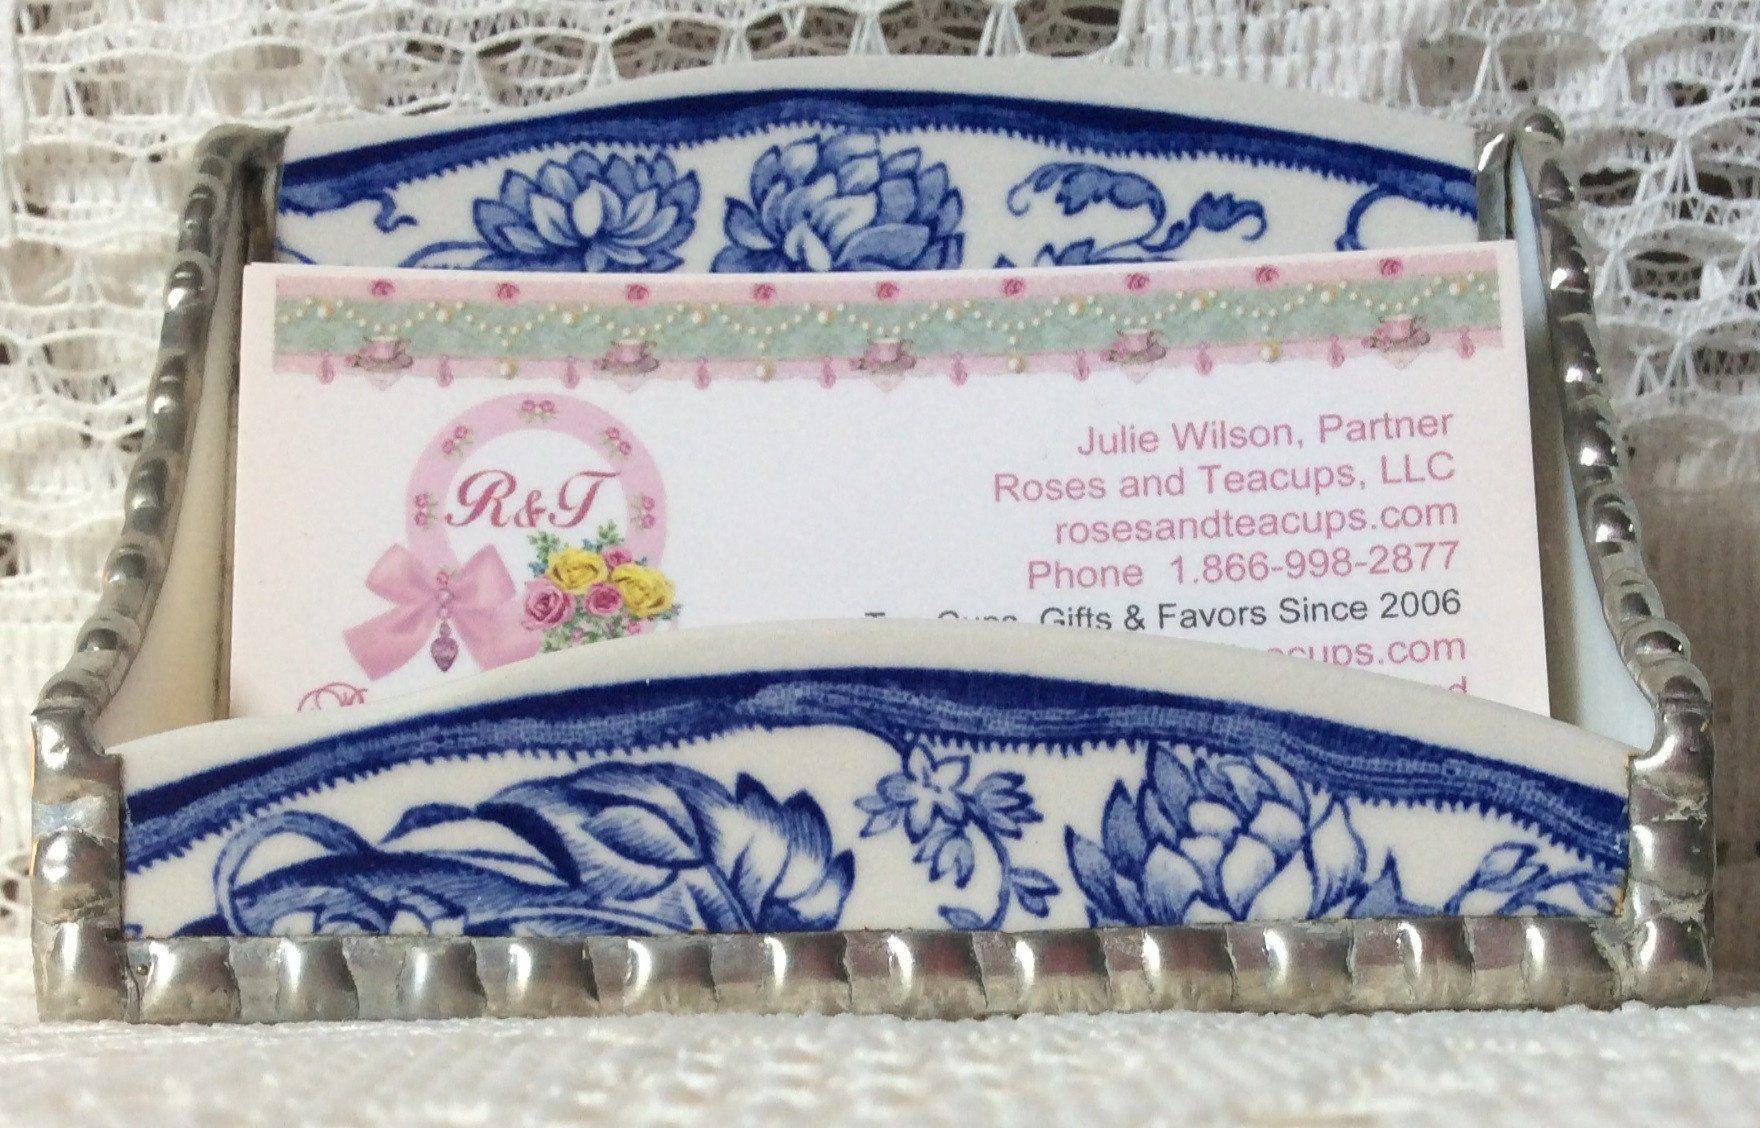 Dark Blue Floral Broken China Business Card Holder - One of a Kind ...